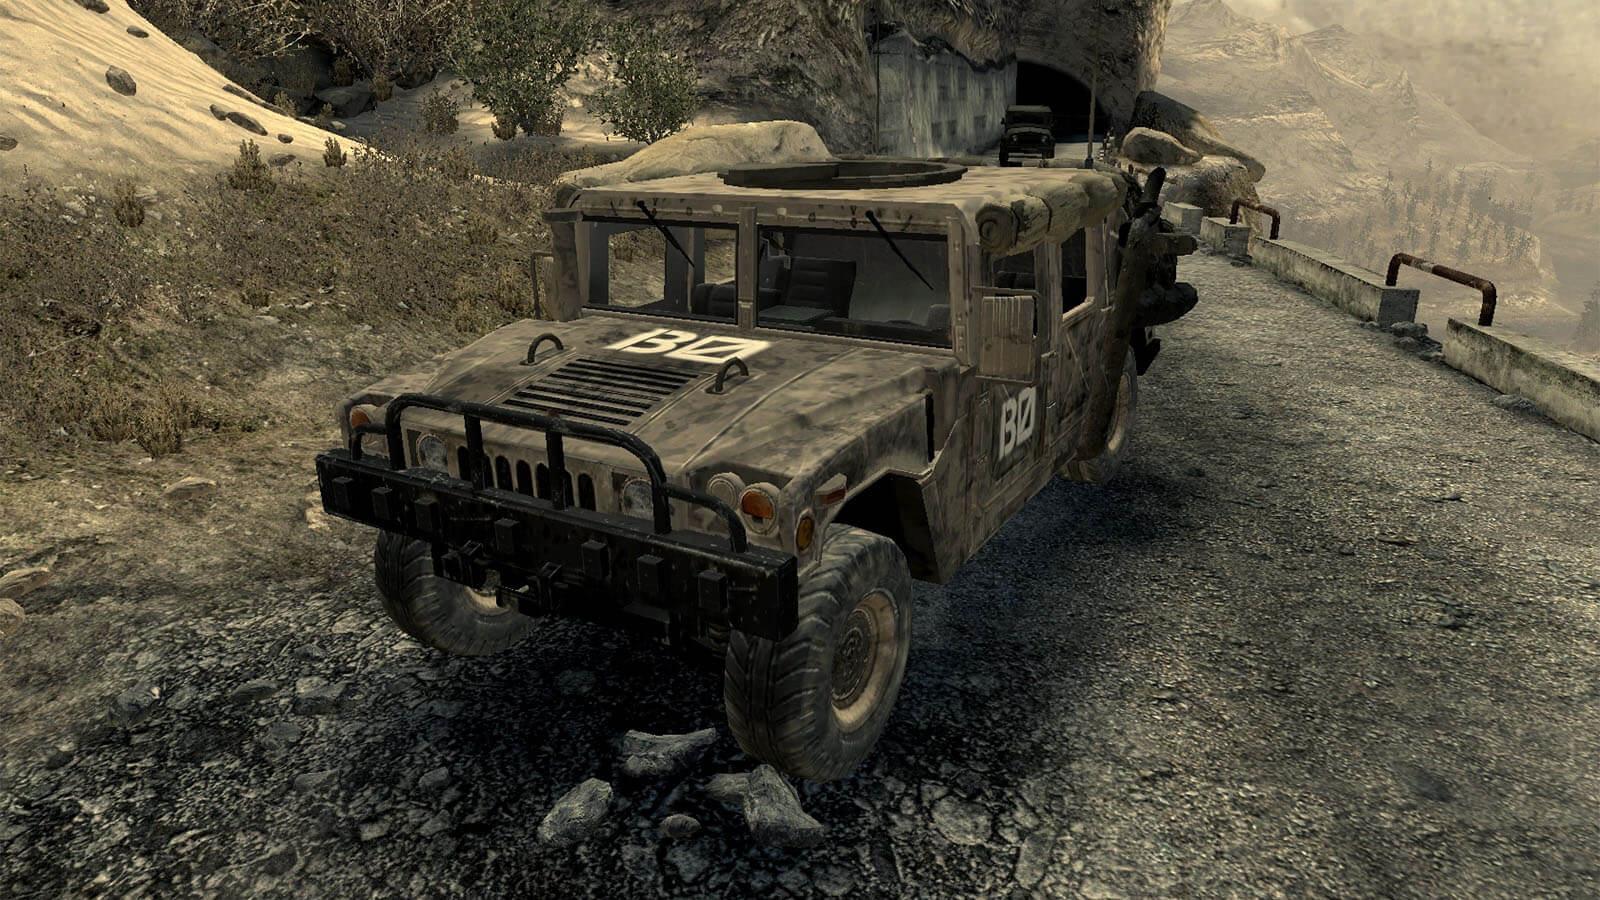 """Call of Duty""""シリーズが無許諾でハンヴィーをゲームに登場させたと ..."""